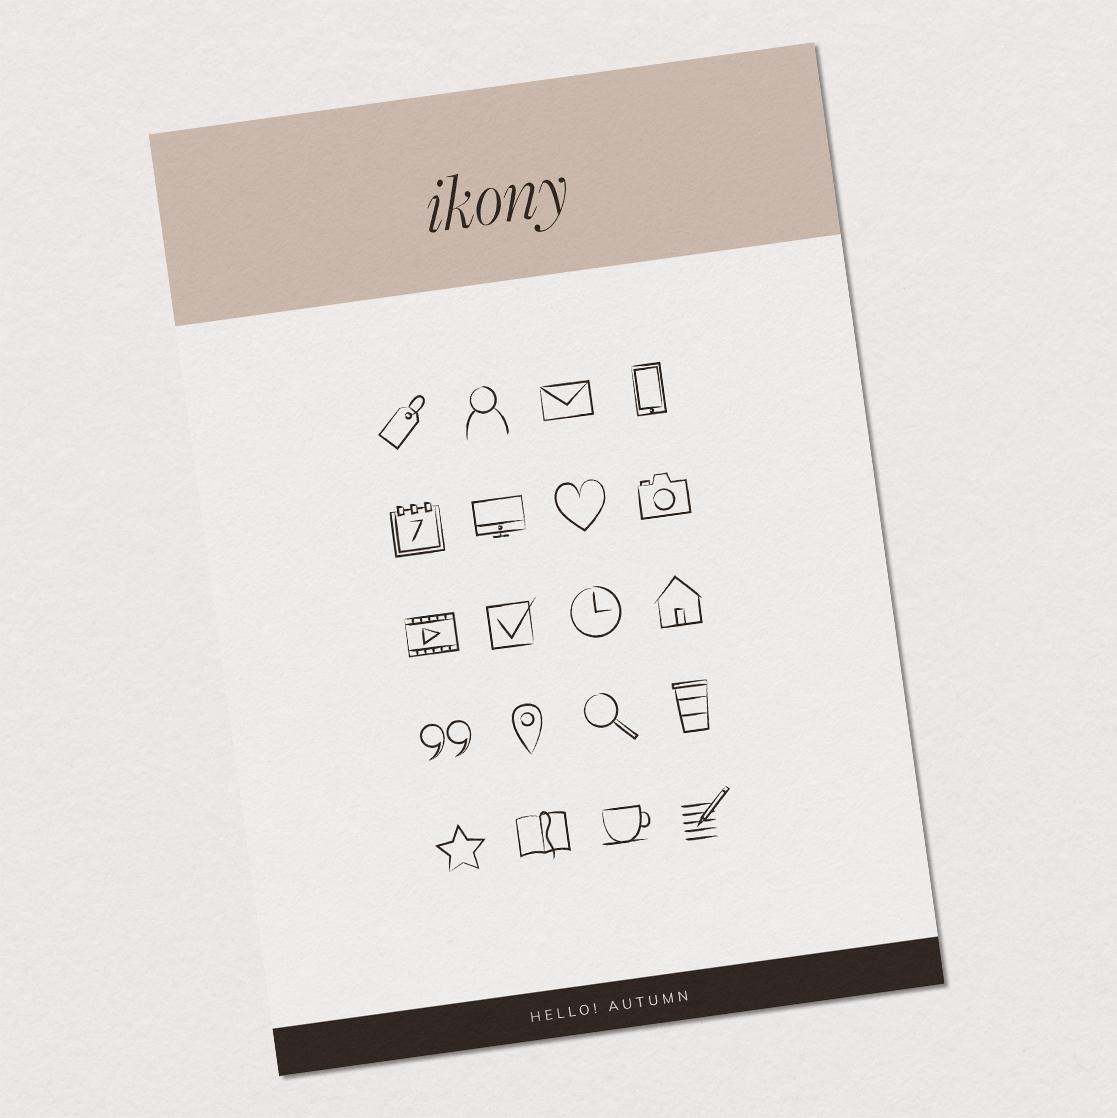 Hello! Autumn - ikony, zestaw ikon, ikony nastronę | Gotowa identyfikacja wizualna | Hello! Beautiful brand | Sklep Moyemu